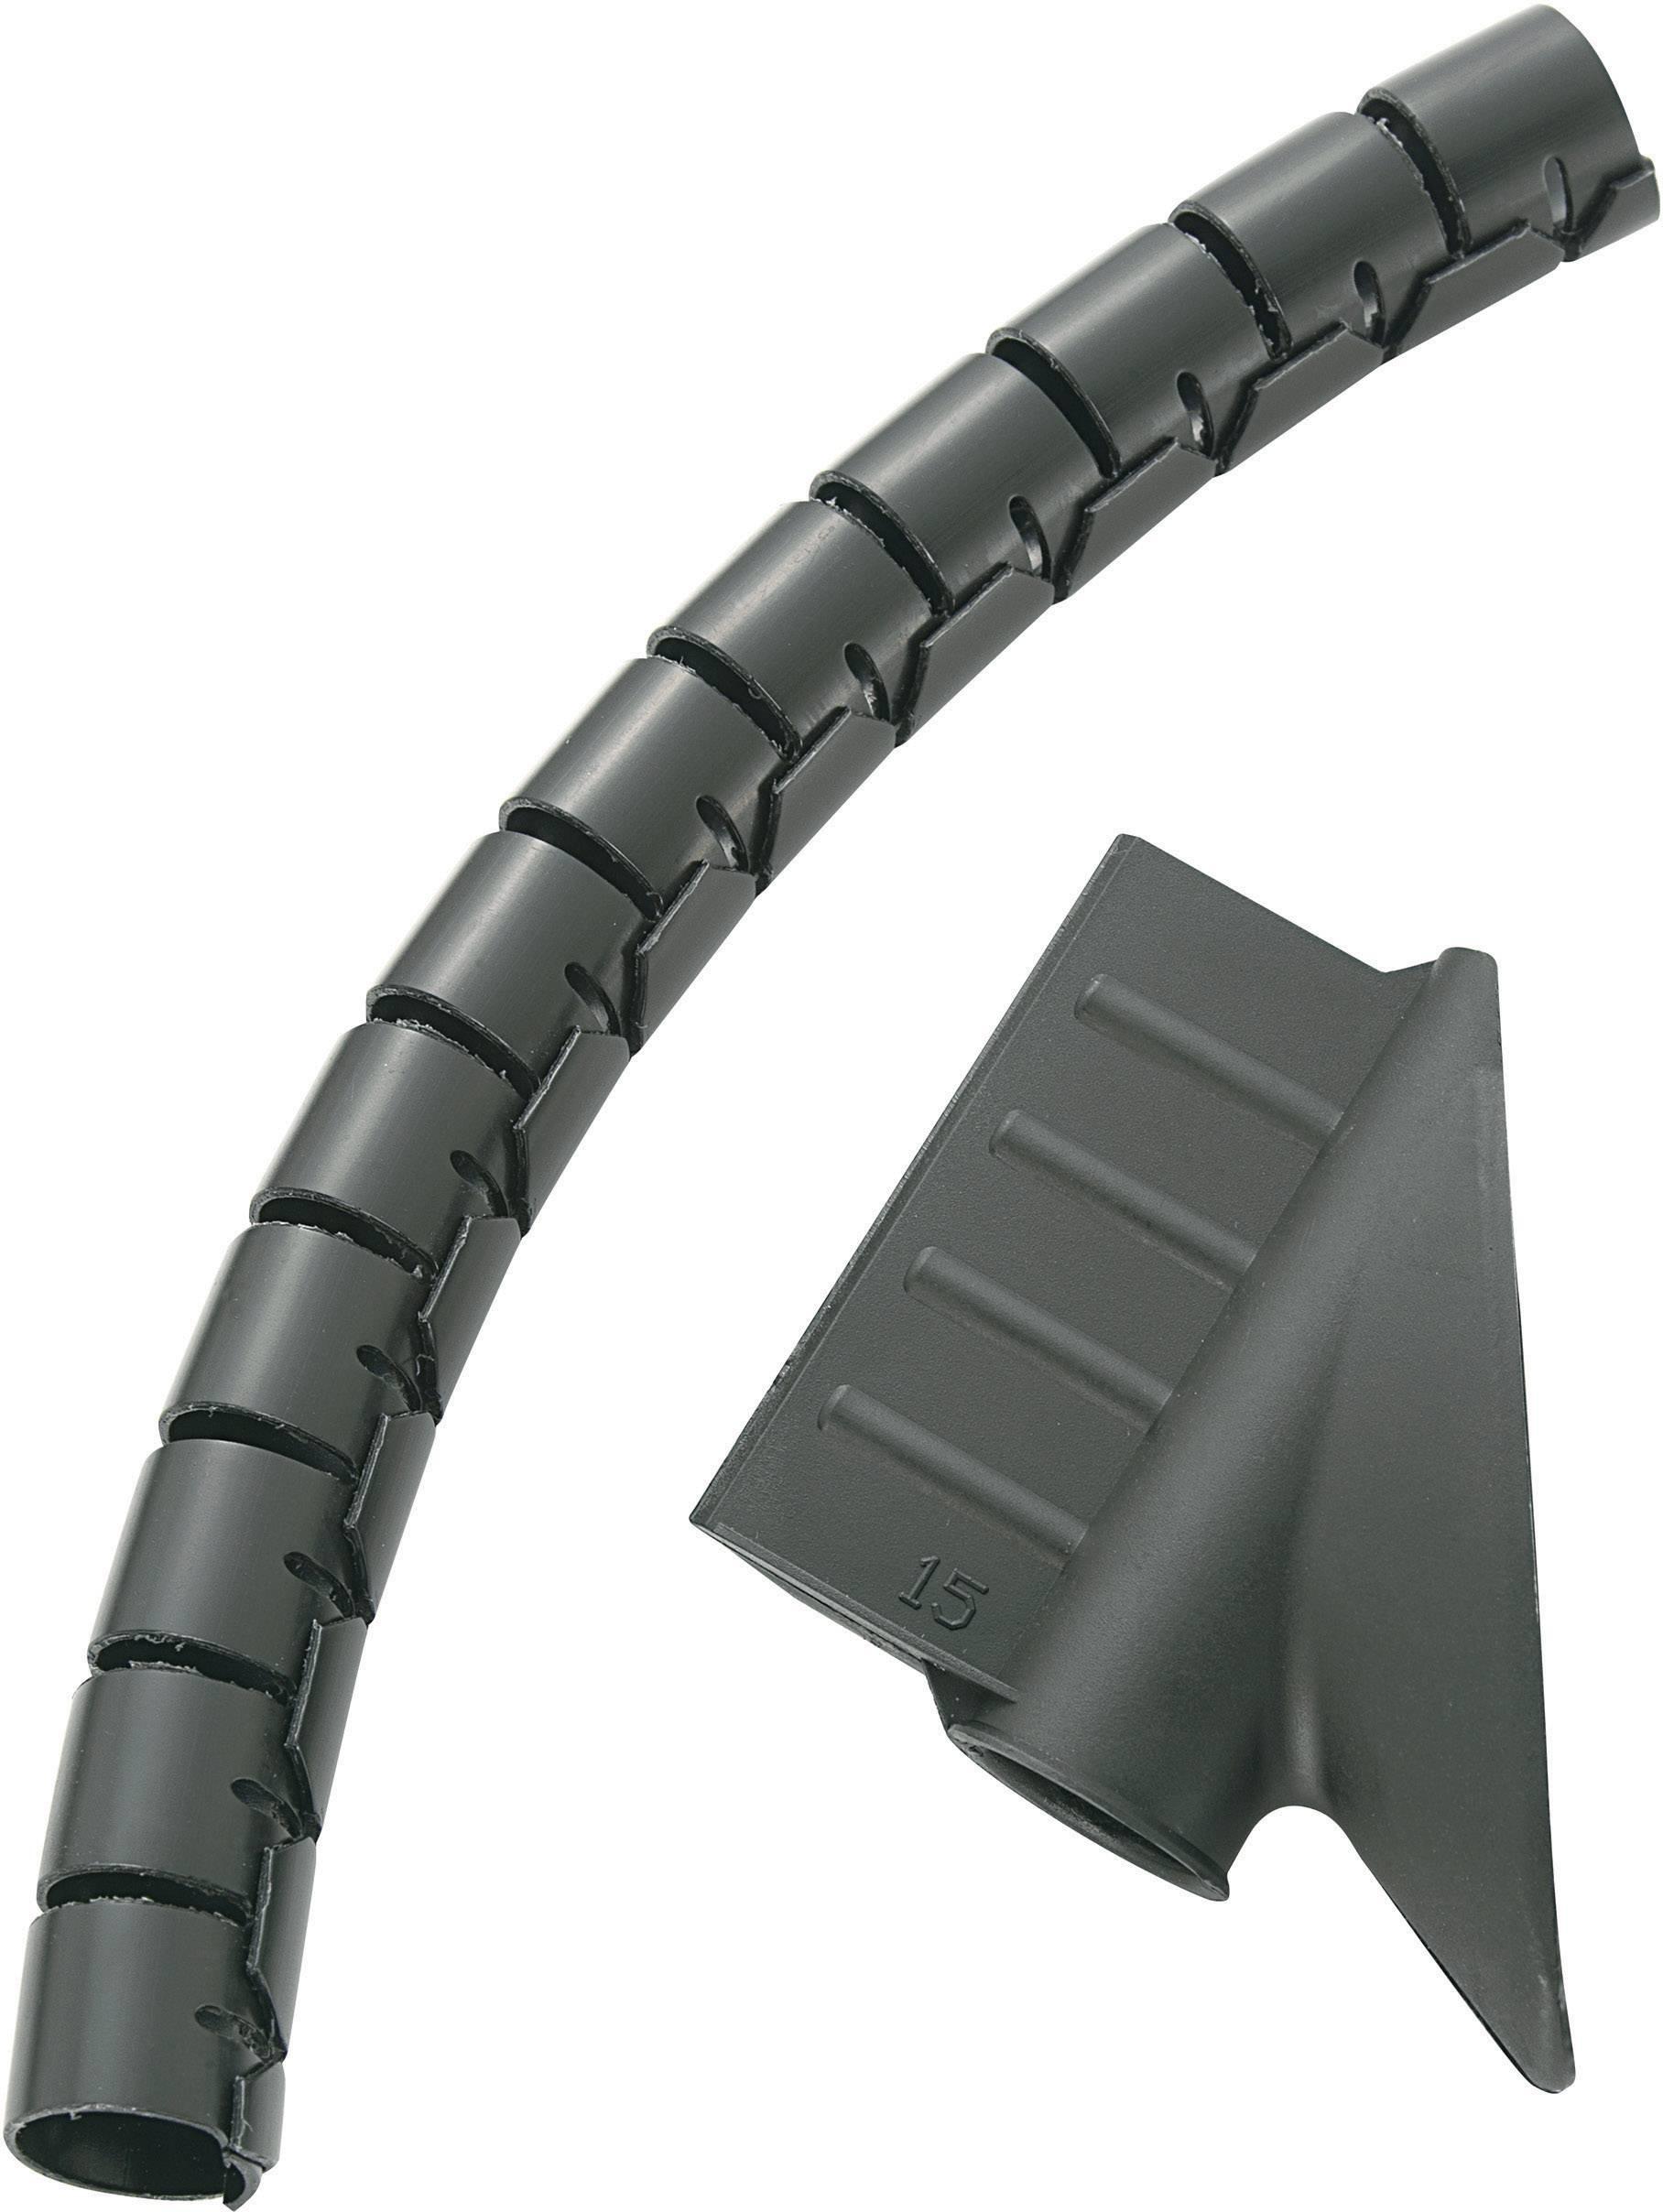 Káblový oplet KSS MX-KLT25GY, 25 mm (max), 5 m, sivá